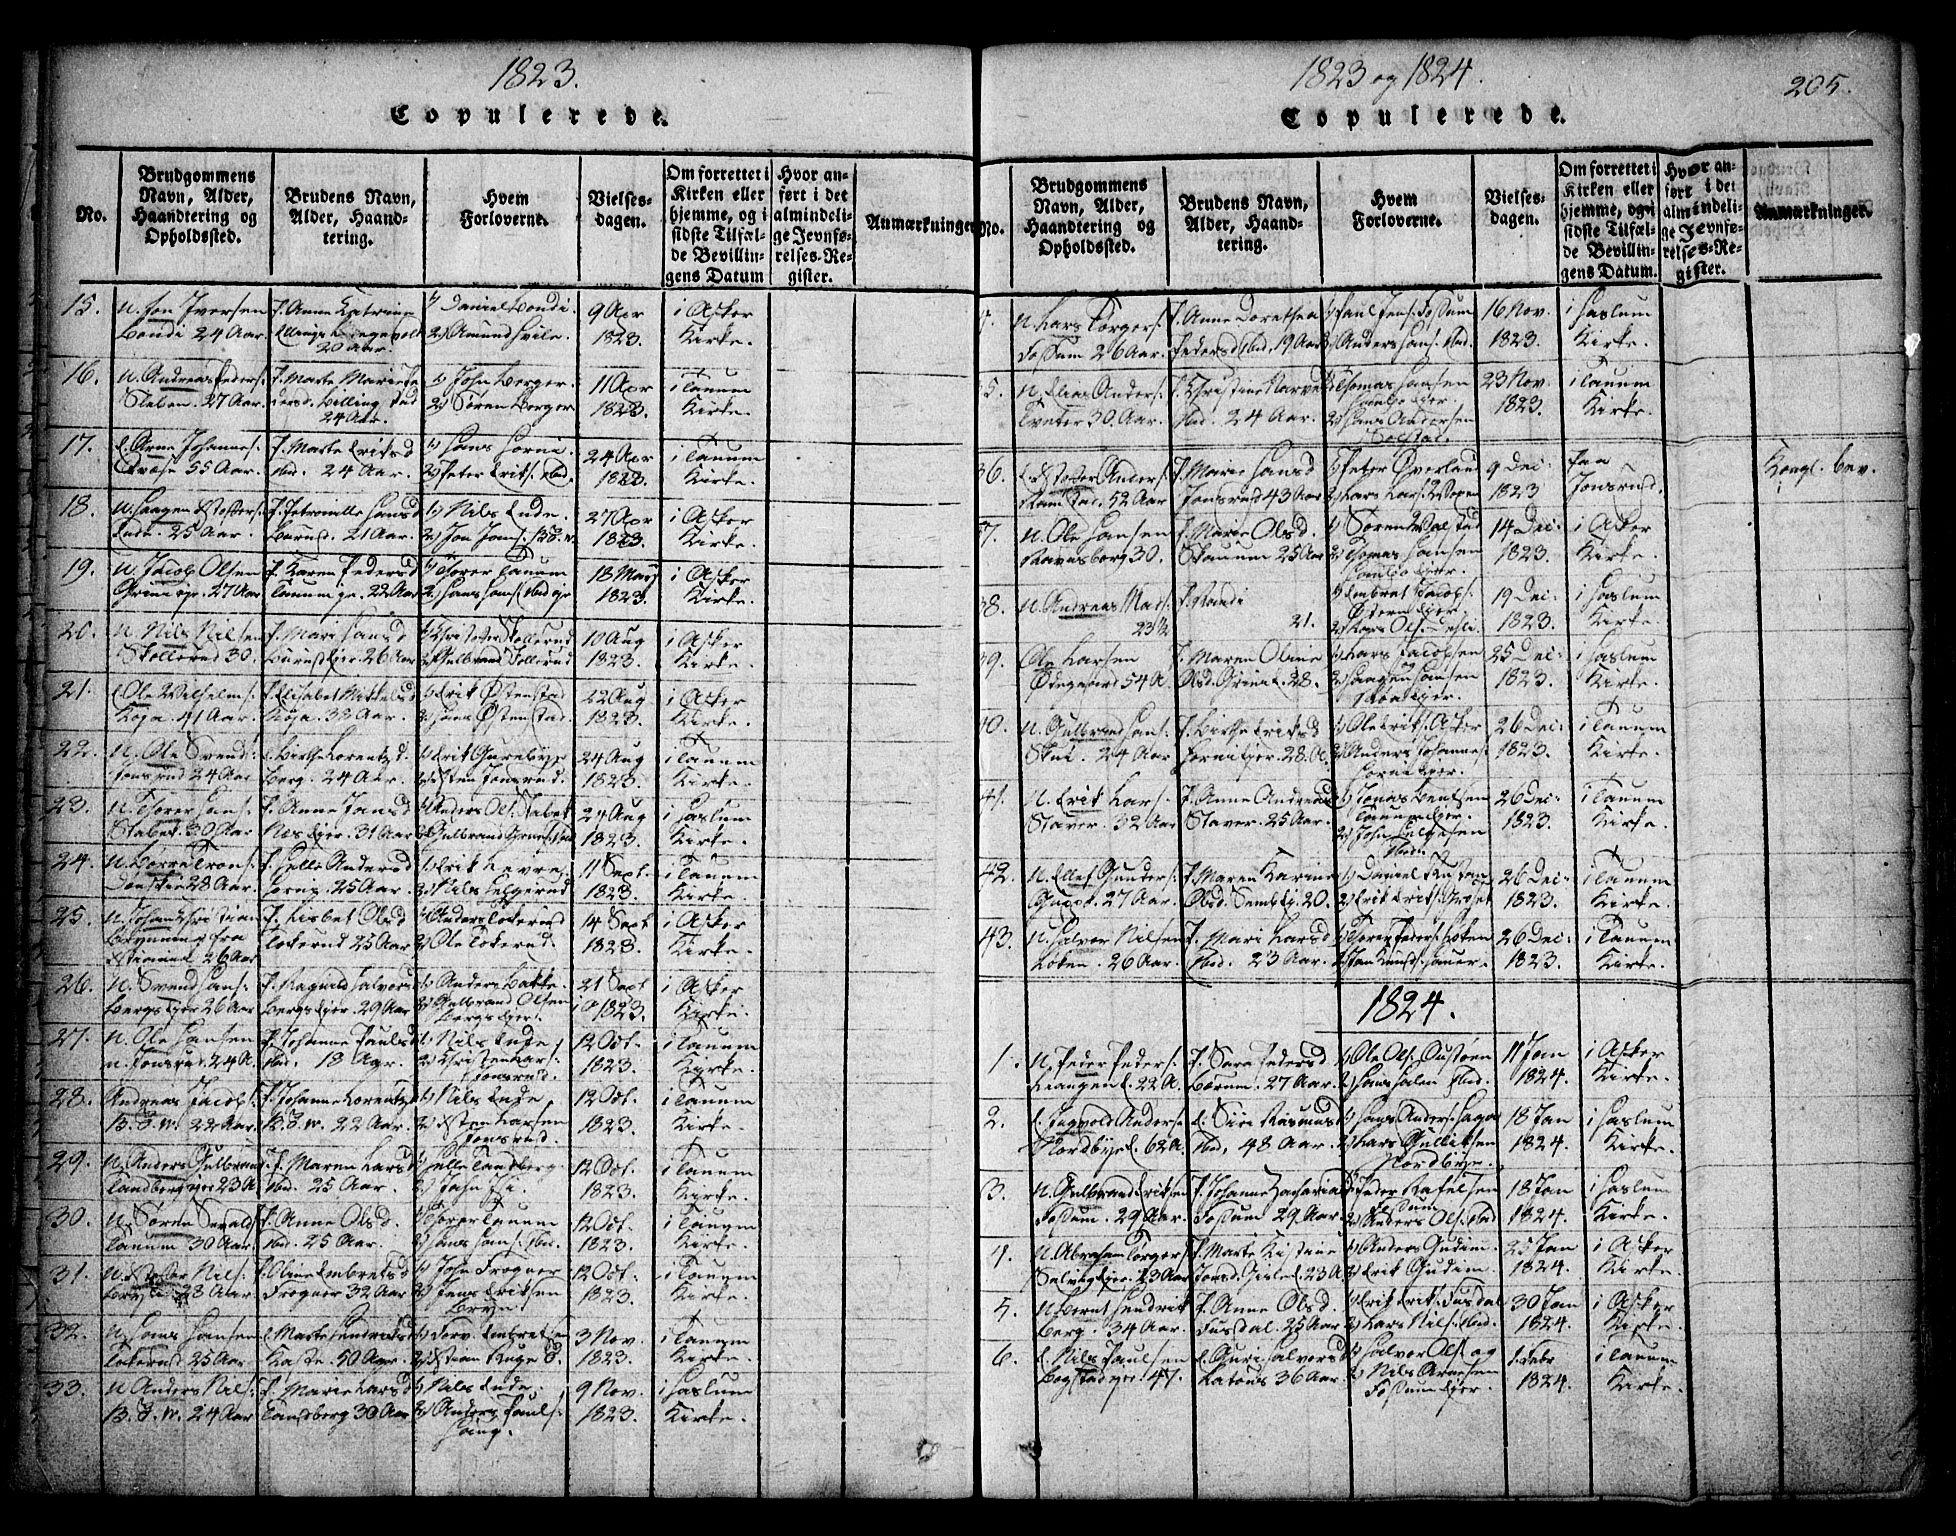 SAO, Asker prestekontor Kirkebøker, F/Fa/L0006: Ministerialbok nr. I 6, 1814-1824, s. 205